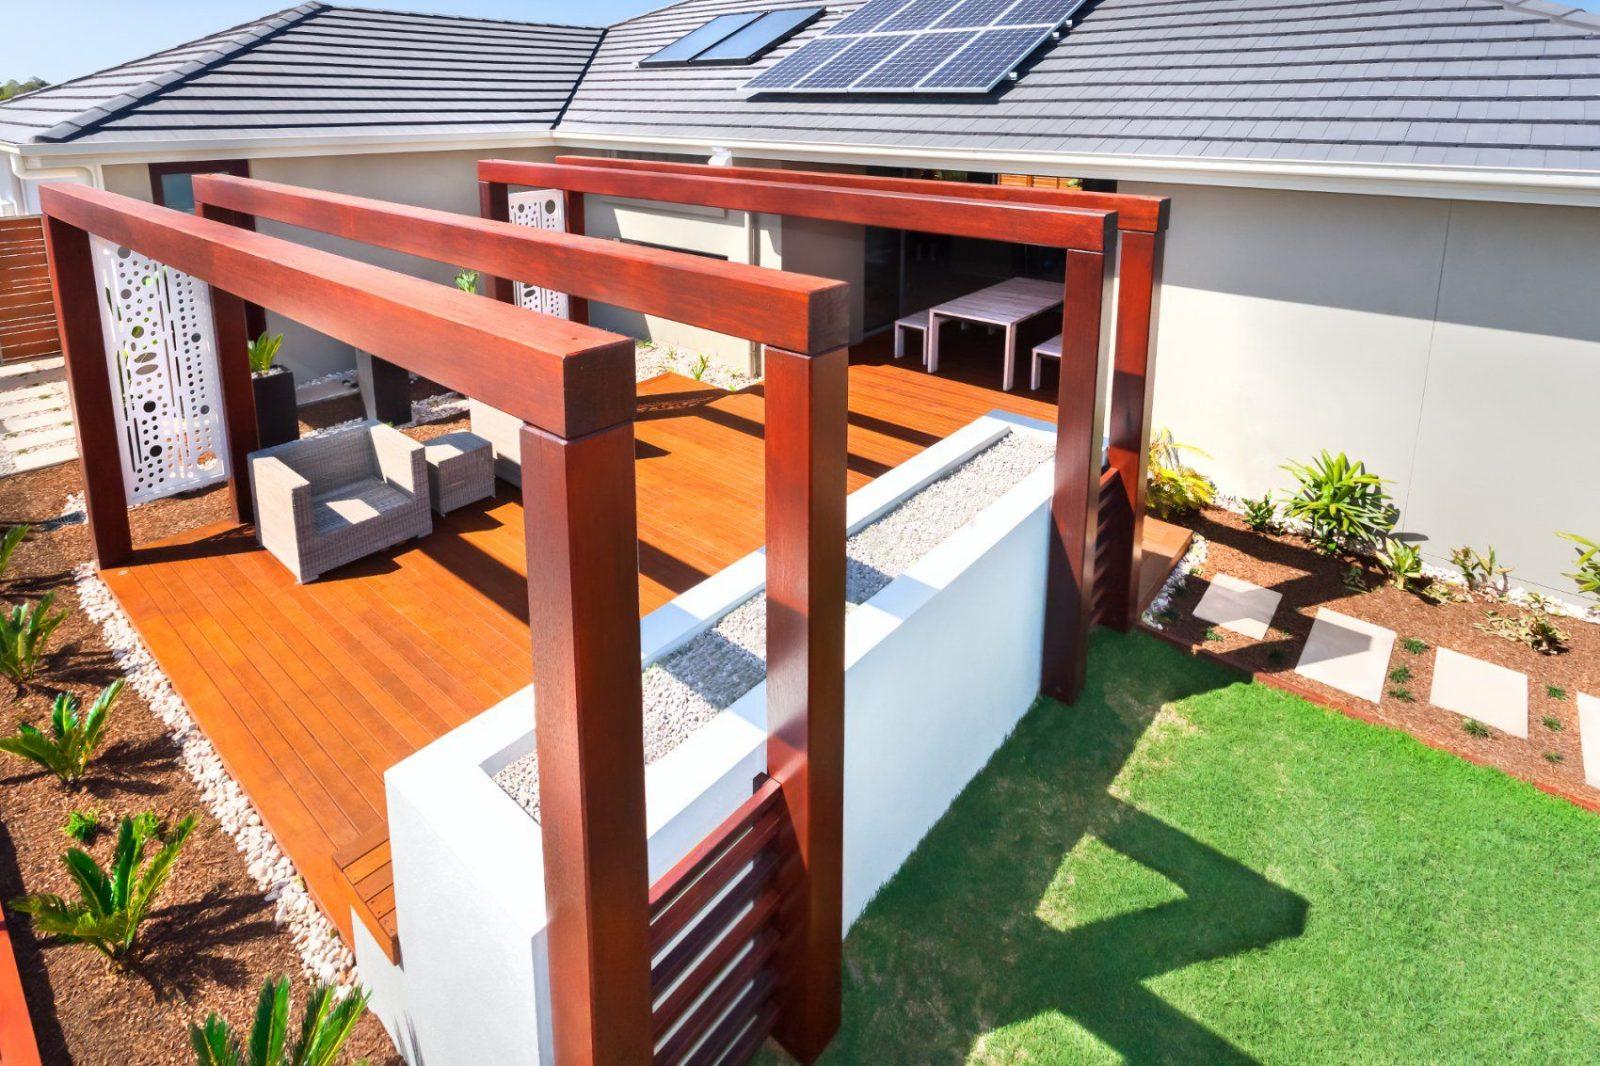 Welche Und Wie Viele Stützen Benötigt Eine Terrassenüberdachung von Freistehende Überdachung Selber Bauen Bild